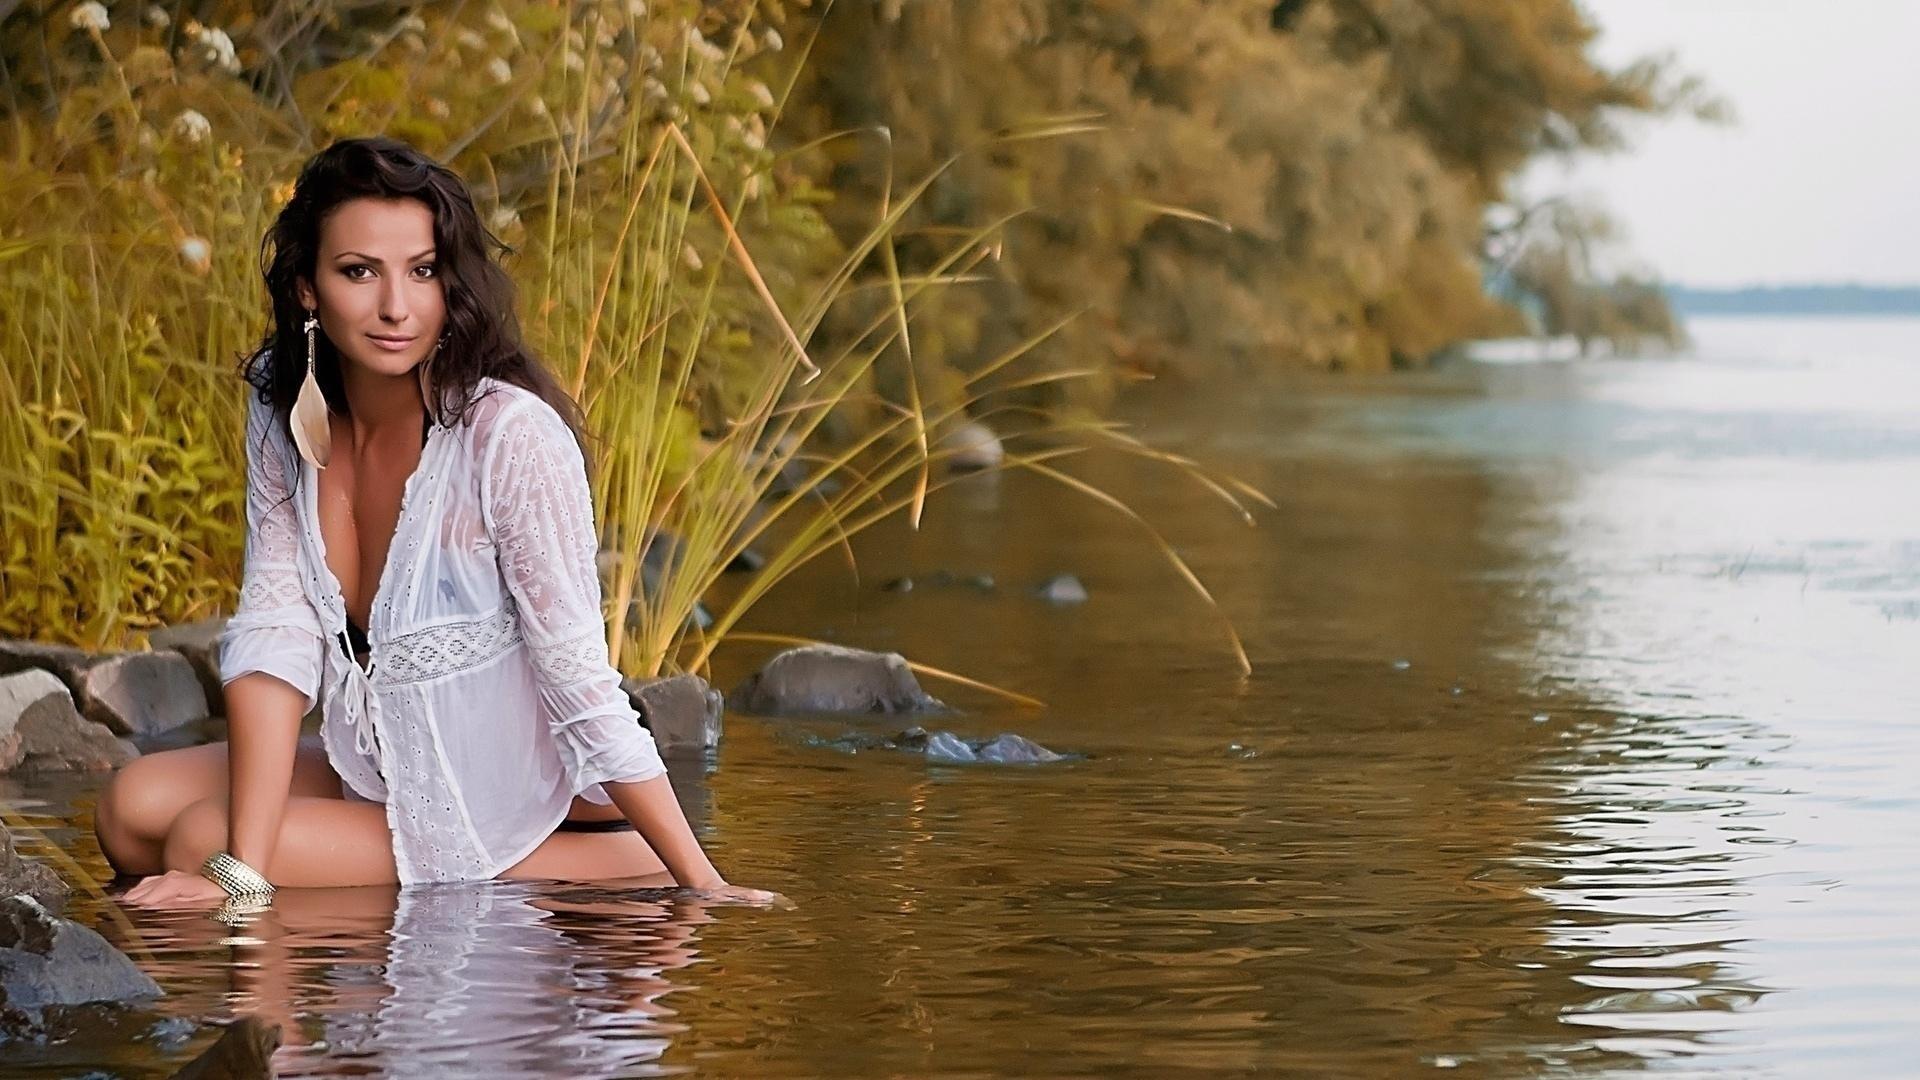 Секс девушки озеро, Русские семьи голые на озере -видео. Смотреть 1 фотография